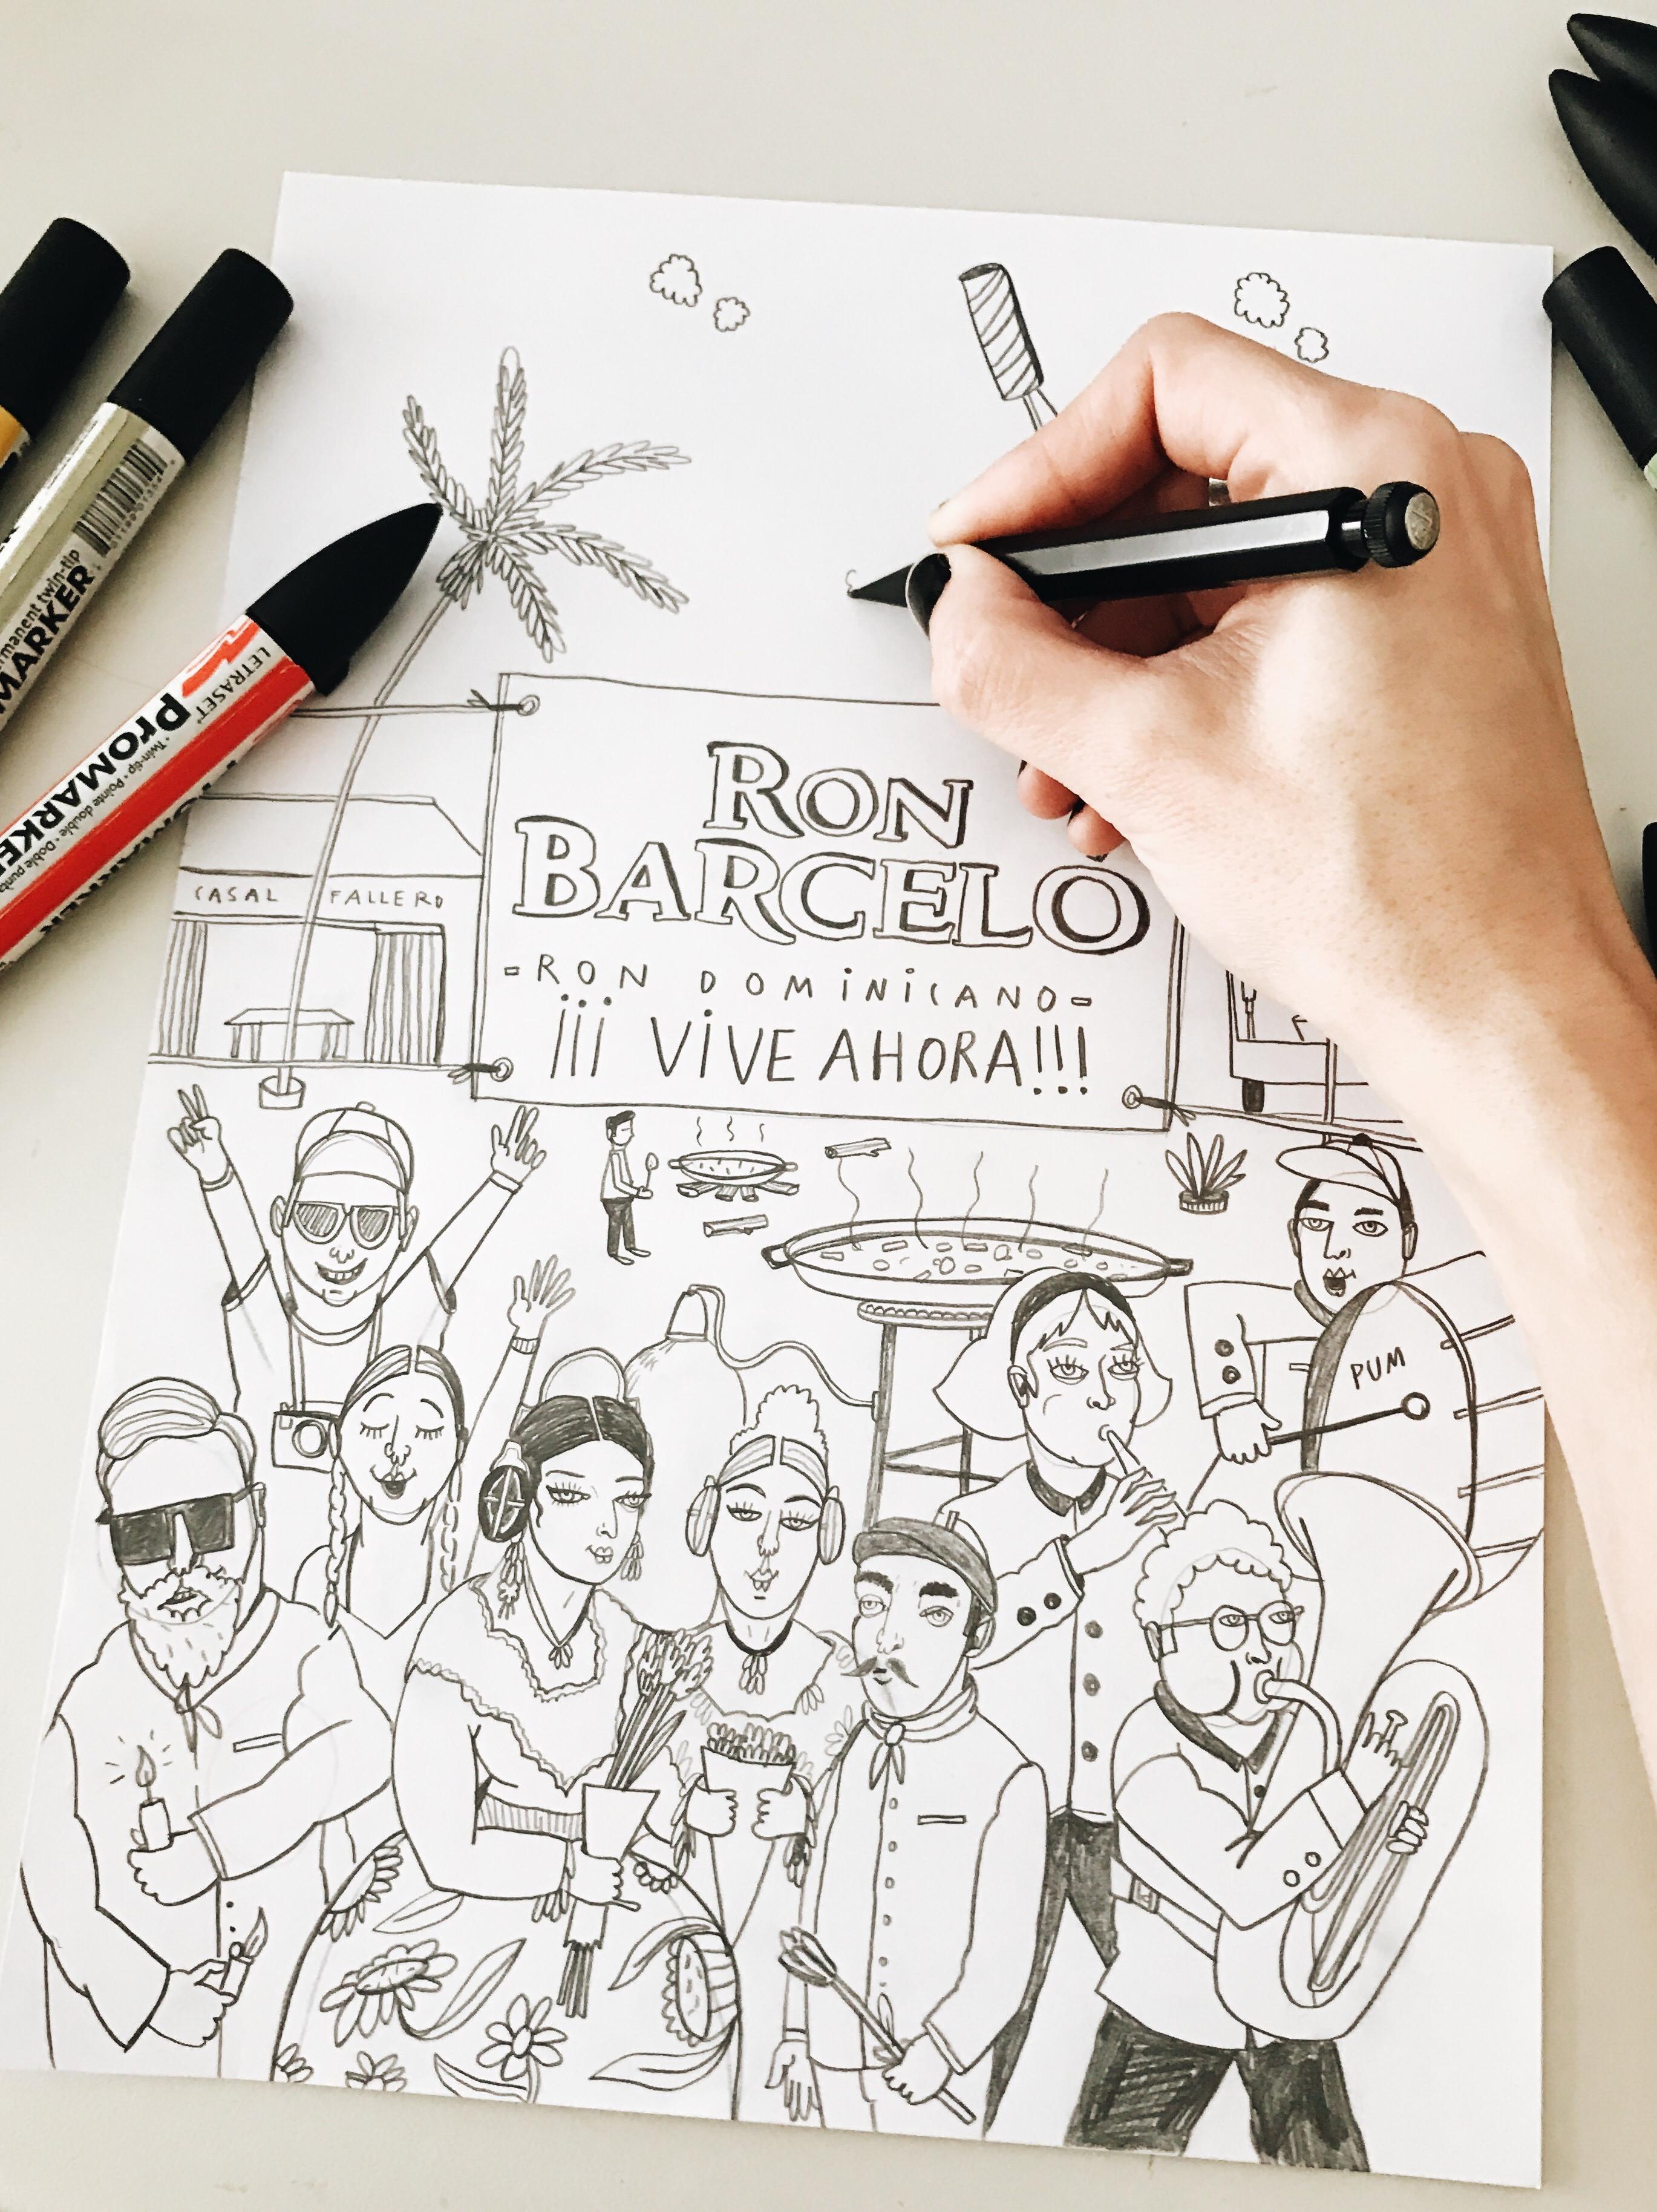 Ron Barceló rinde homenaje a las Fallas de Valencia en una edición limitada con dos diseños en su botella